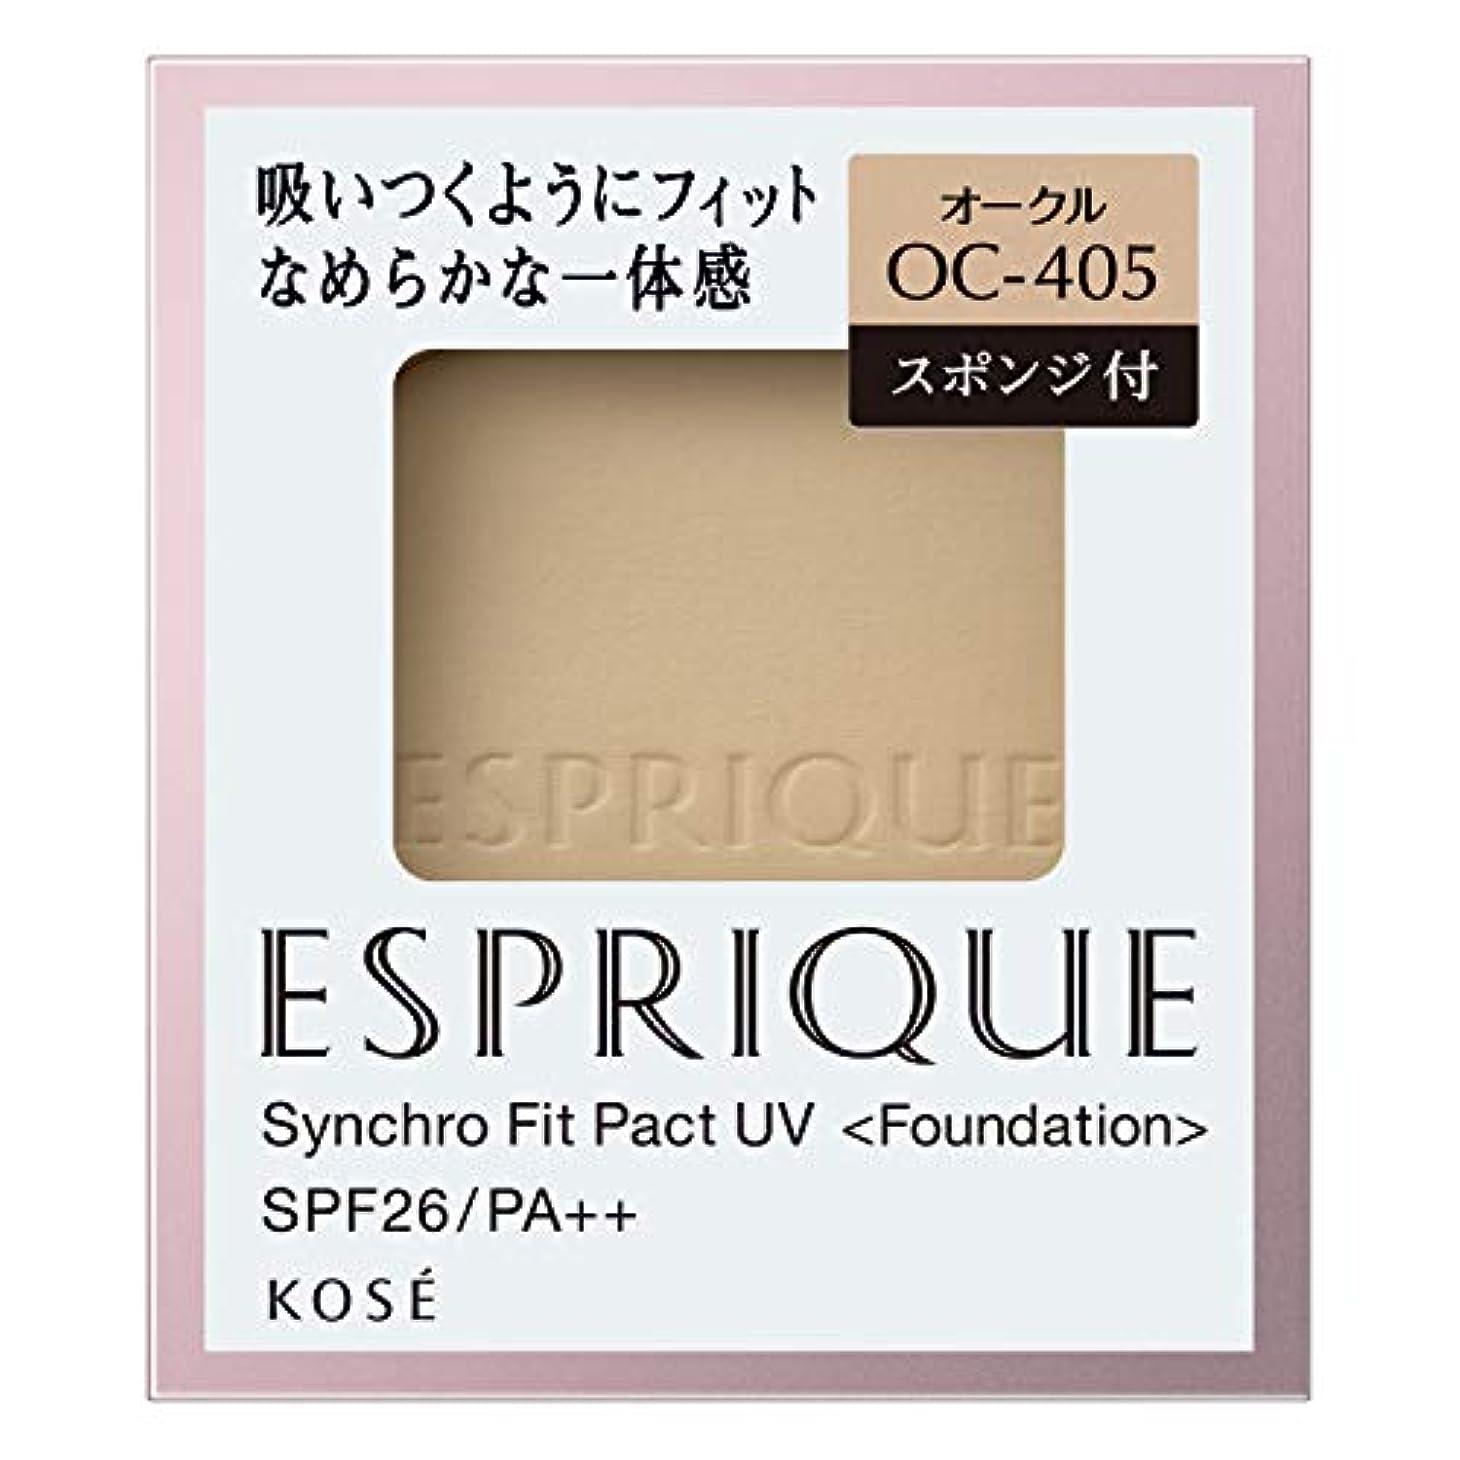 パズルしたい価格エスプリーク シンクロフィット パクト UV OC-405 オークル 9.3g